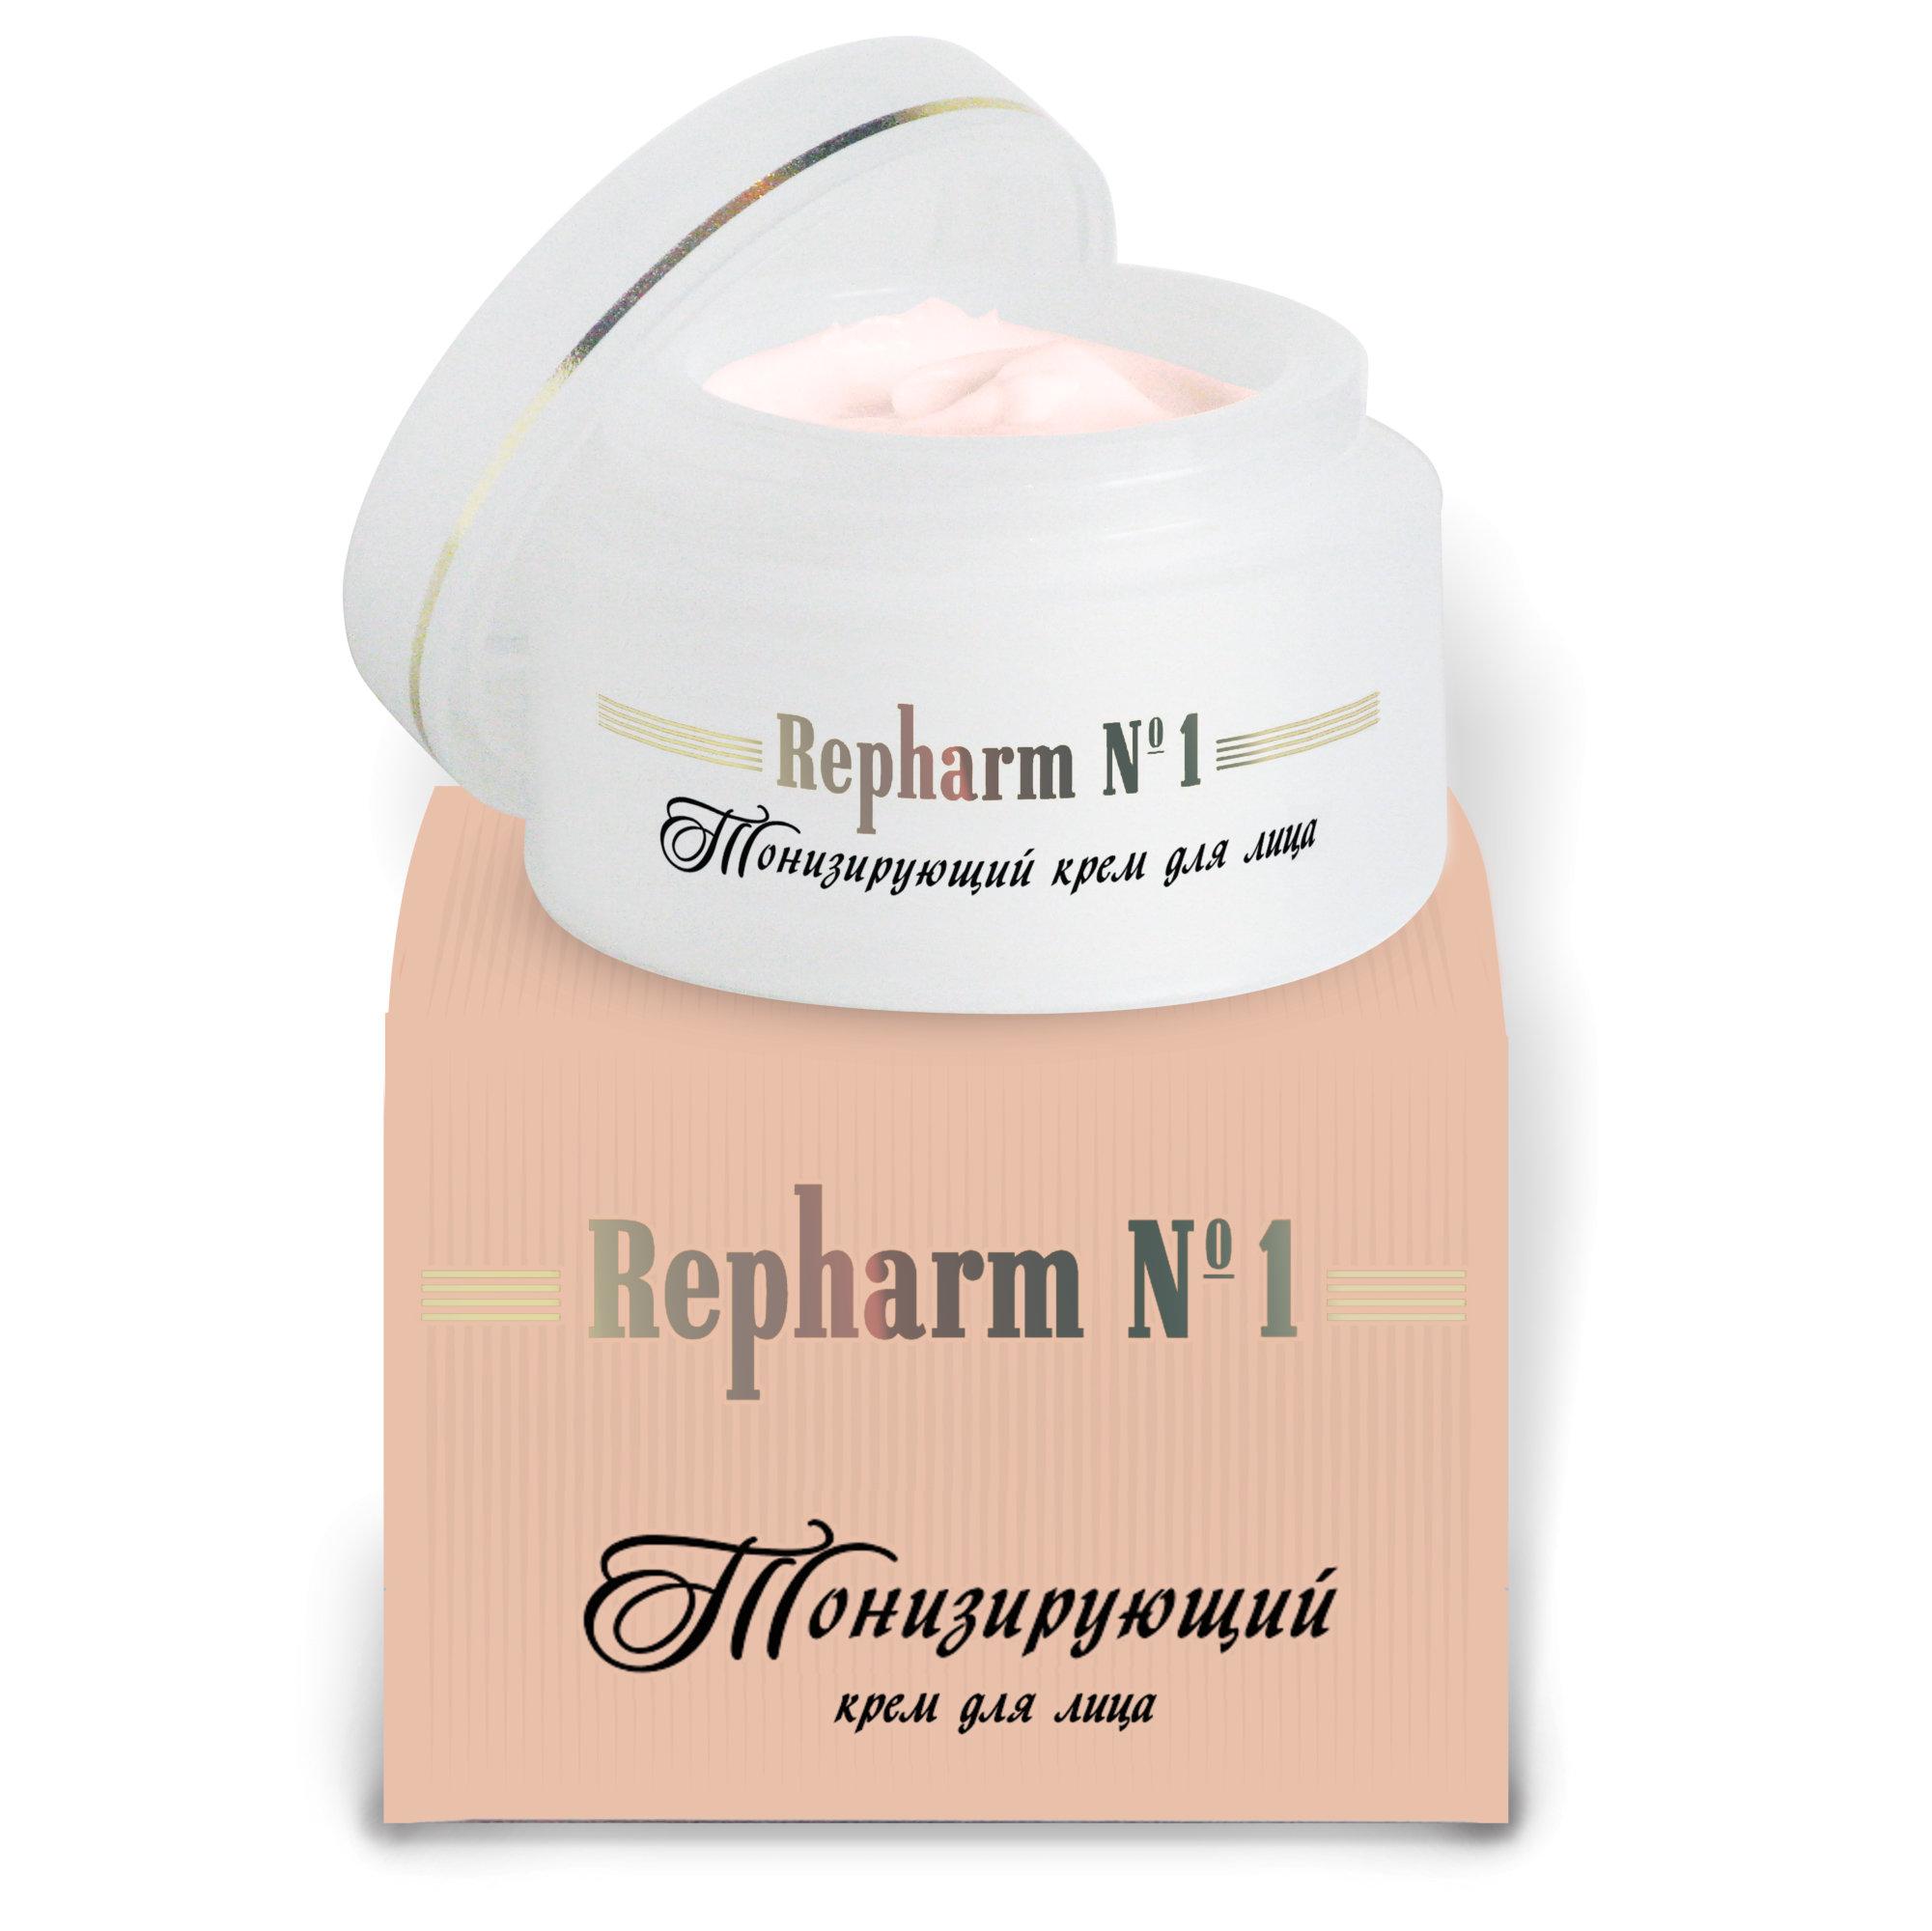 РЕФАРМ Крем для лица тонизирующий РЕФАРМ №1 / Repharm 50мл